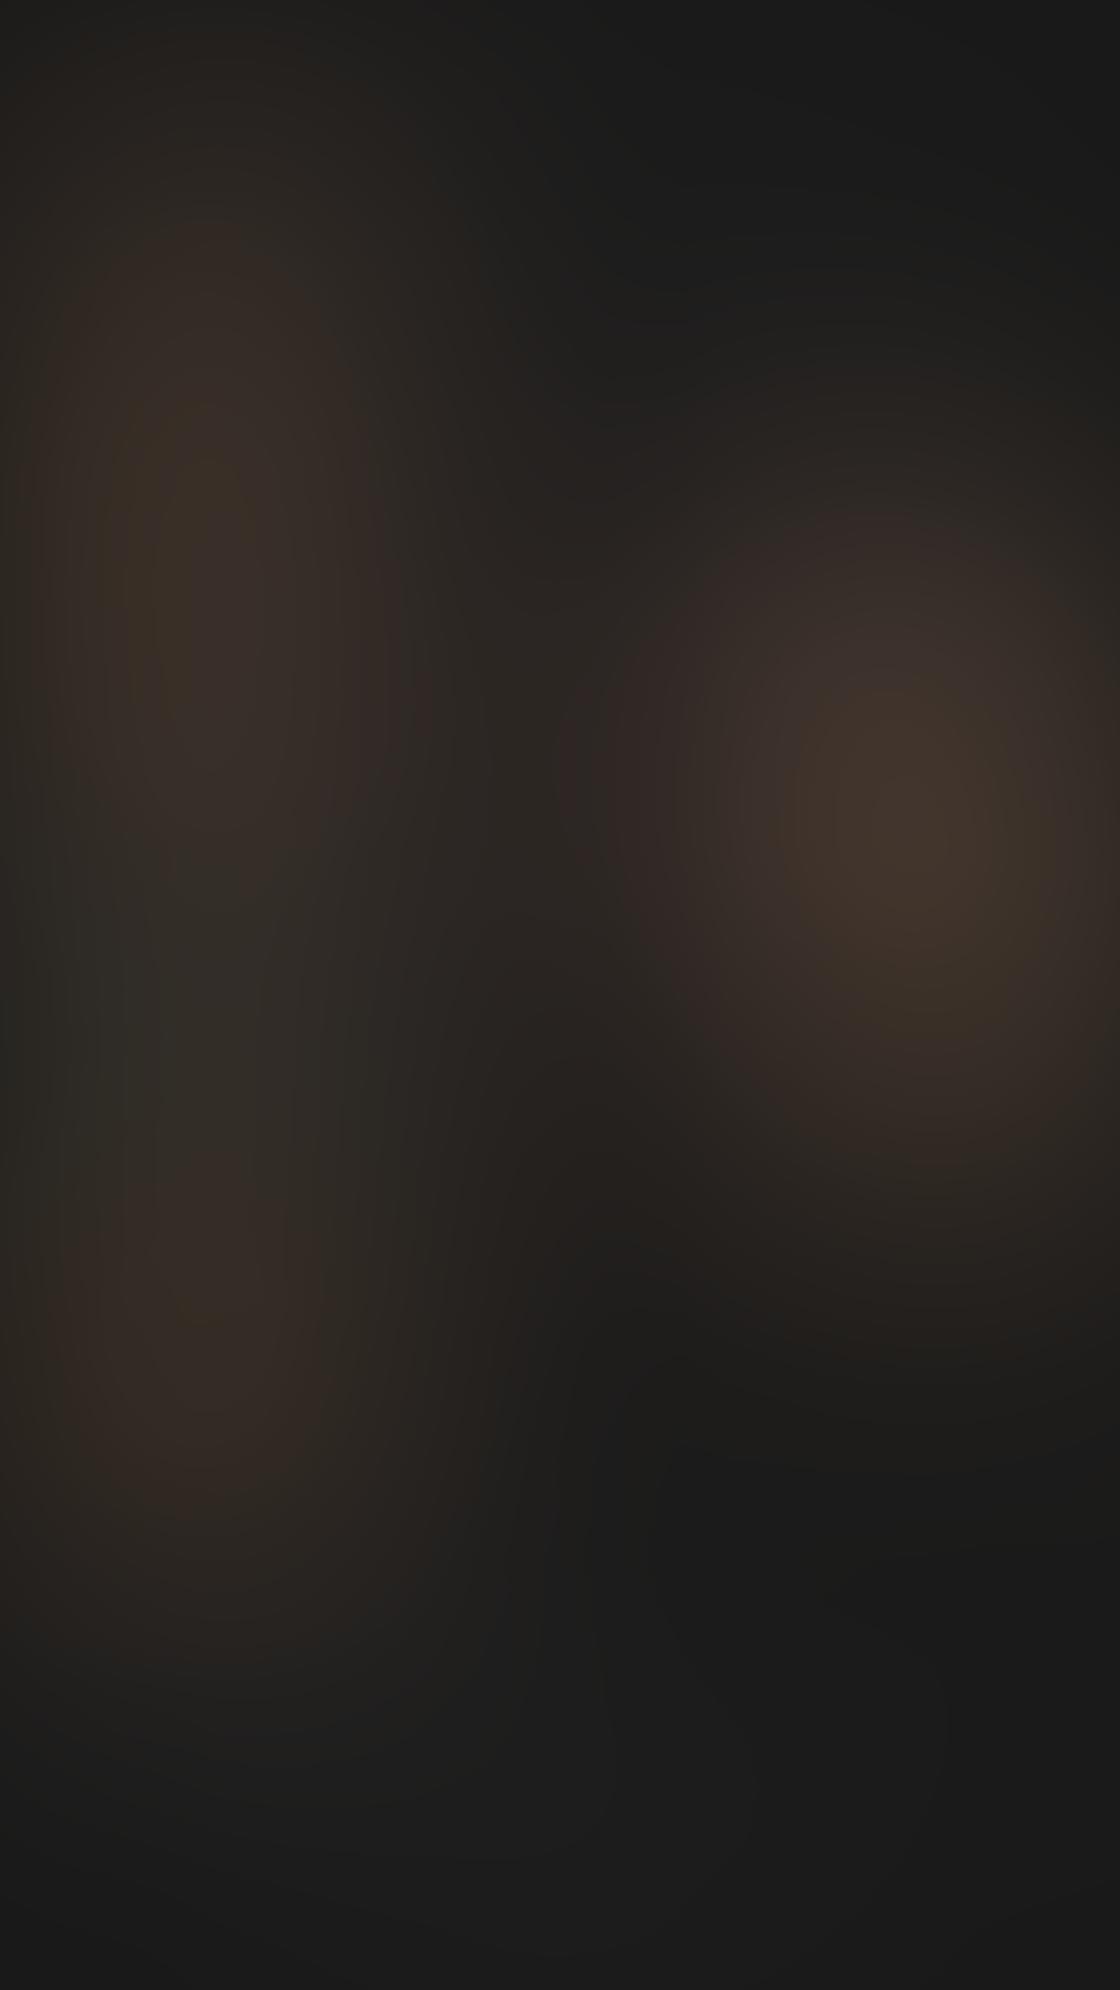 iPhone Lightroom App 11